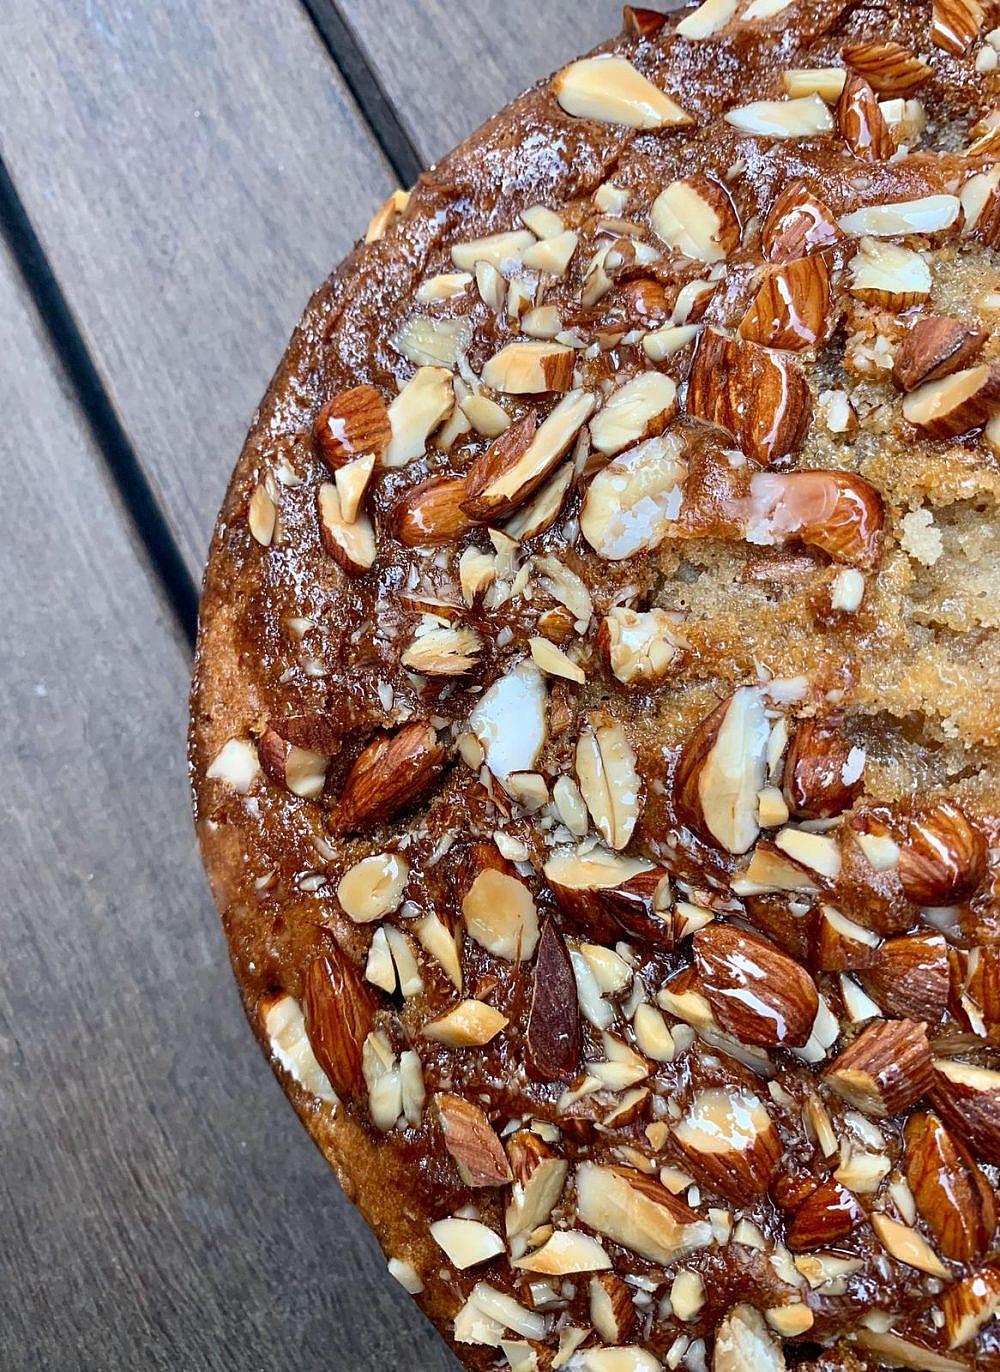 עוגת שקדים ומייפל (צילום: הילי גרינברג)